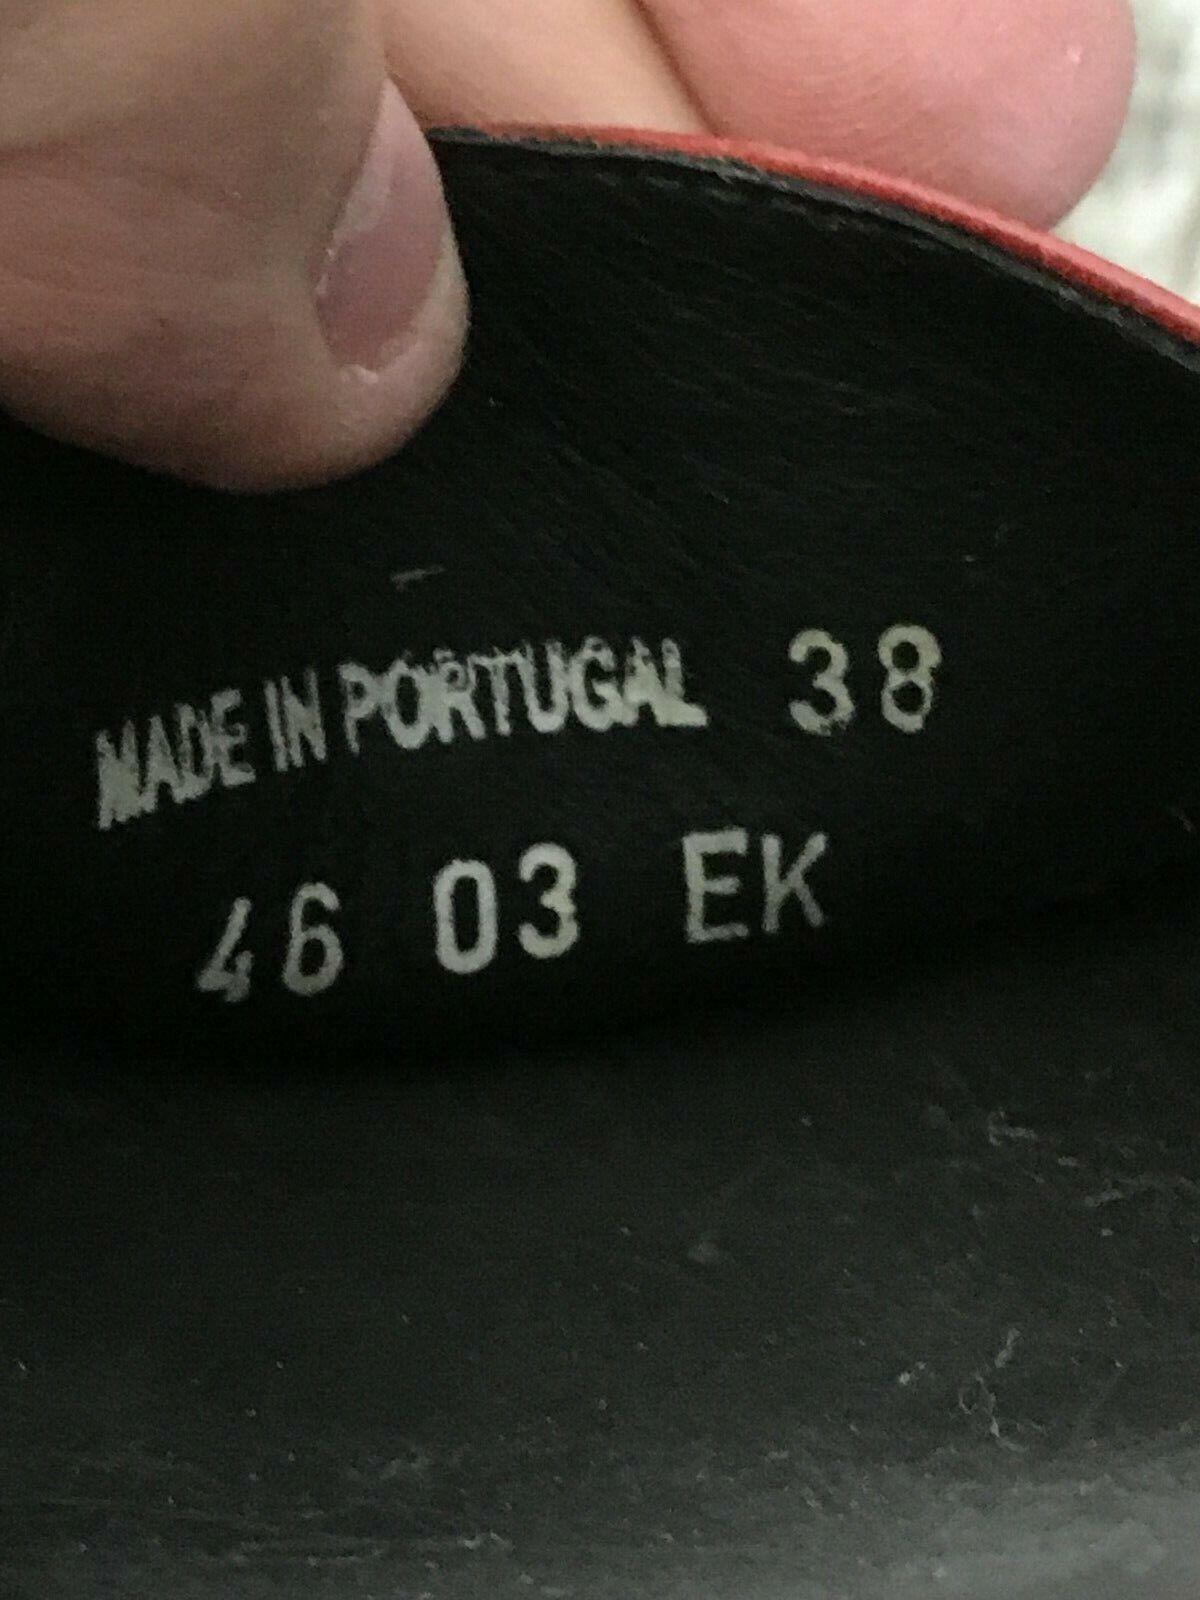 Dansko Red Leather Sandal - 38 - image 8